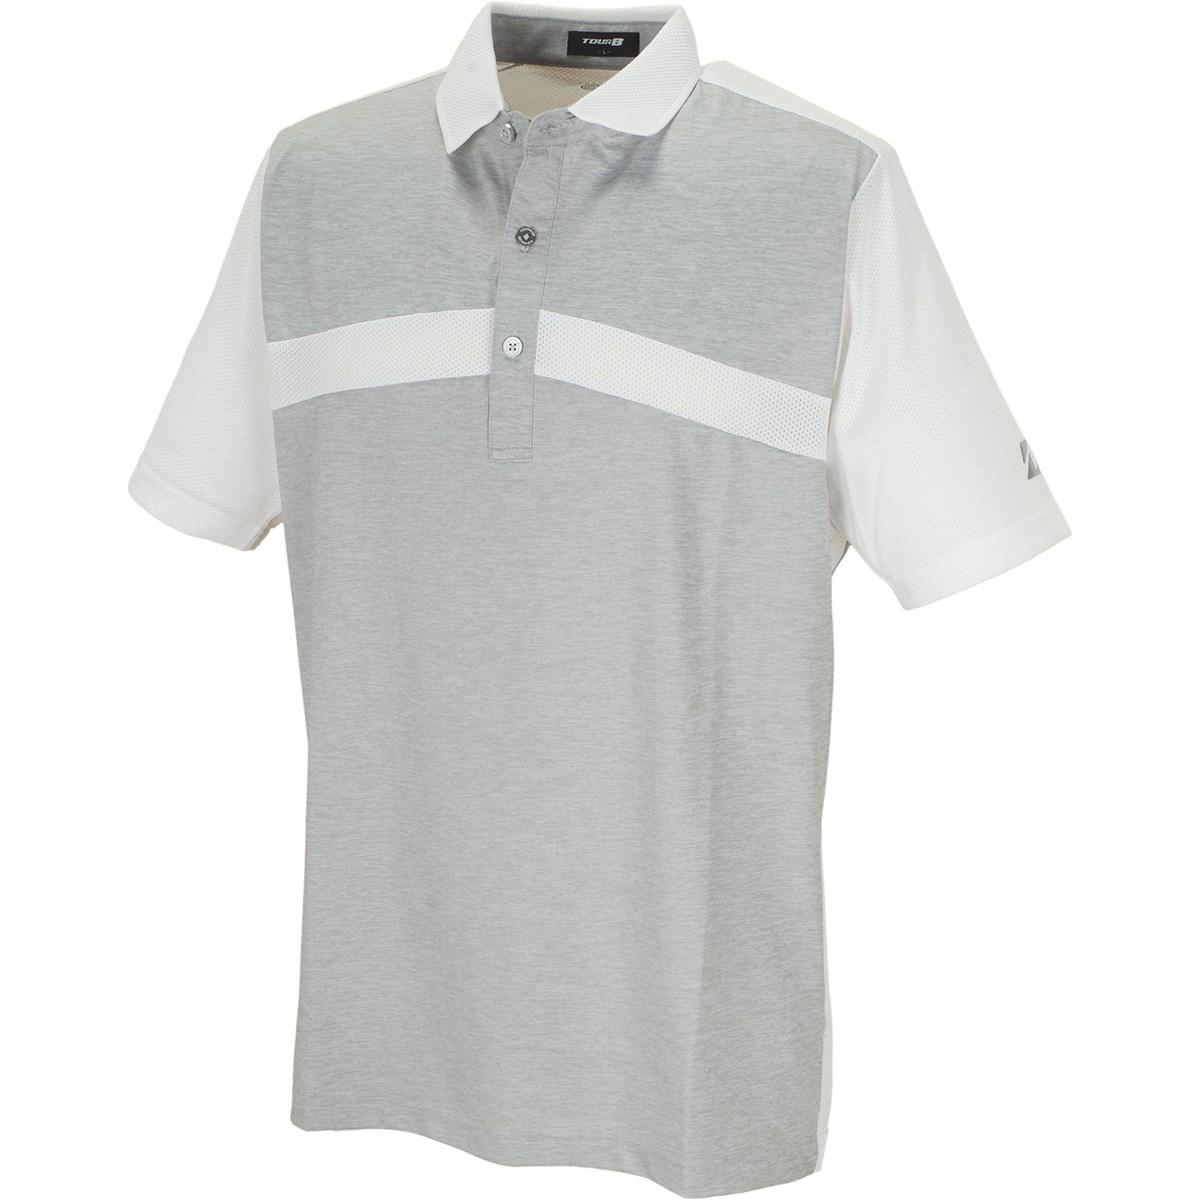 ブリヂストン(BRIDGESTONE GOLF) 半袖ポロシャツ